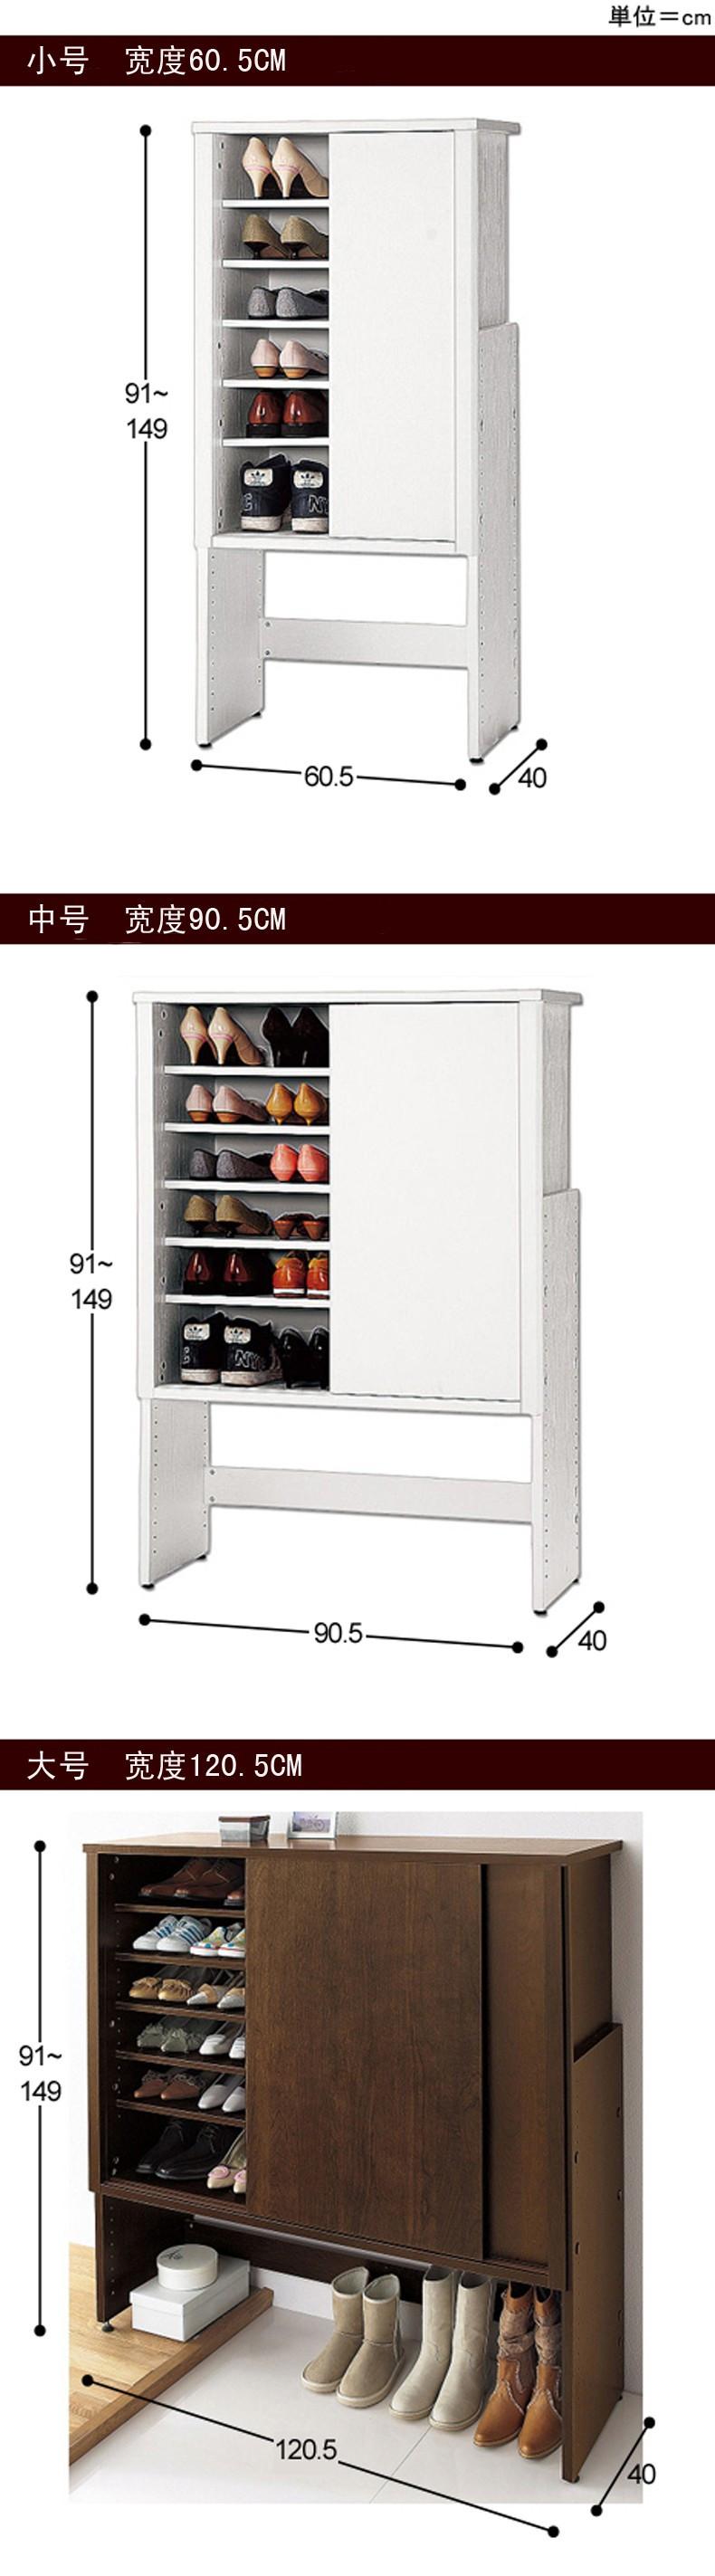 风华鼎泰 人造板刨花板/三聚氰胺板框架结构升降推拉日式 鞋柜